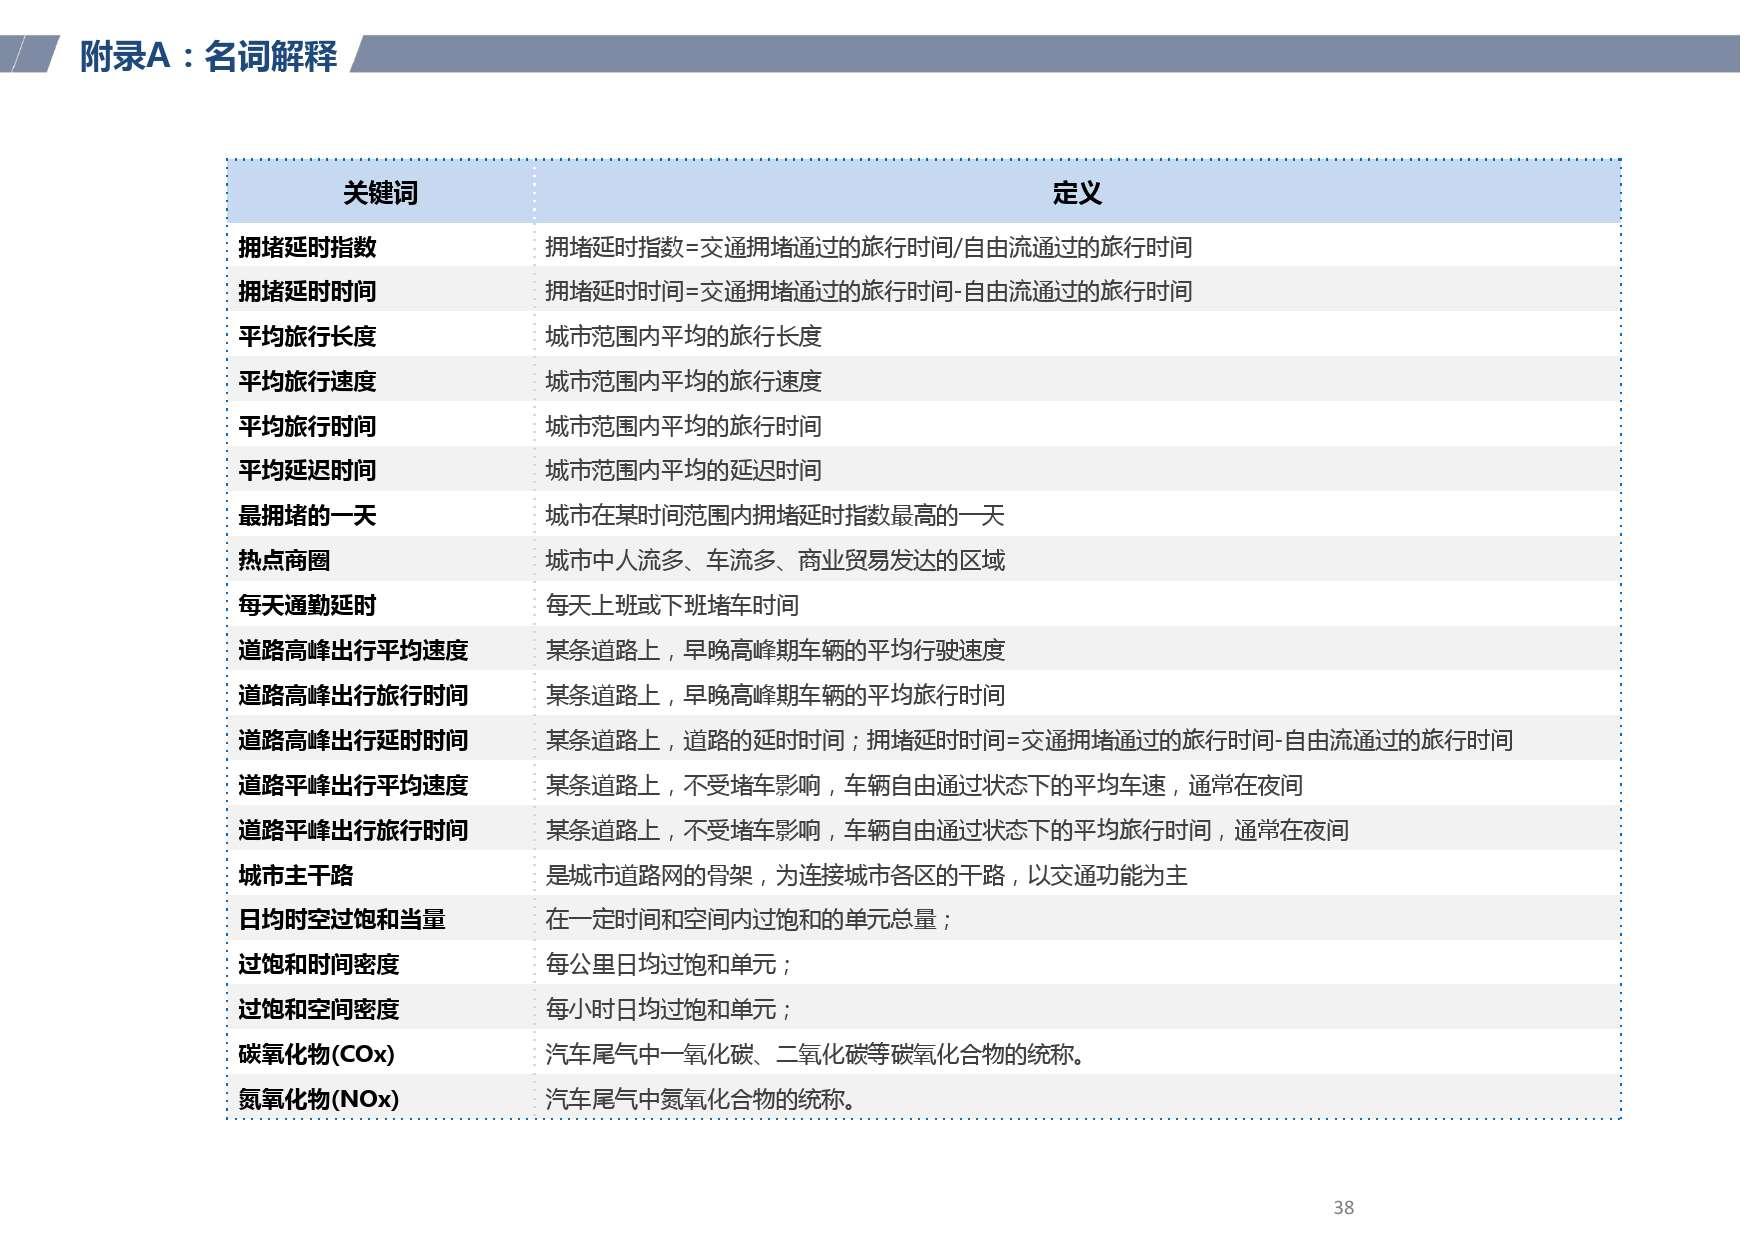 2015年度中国主要城市交通分析报告-final_000038